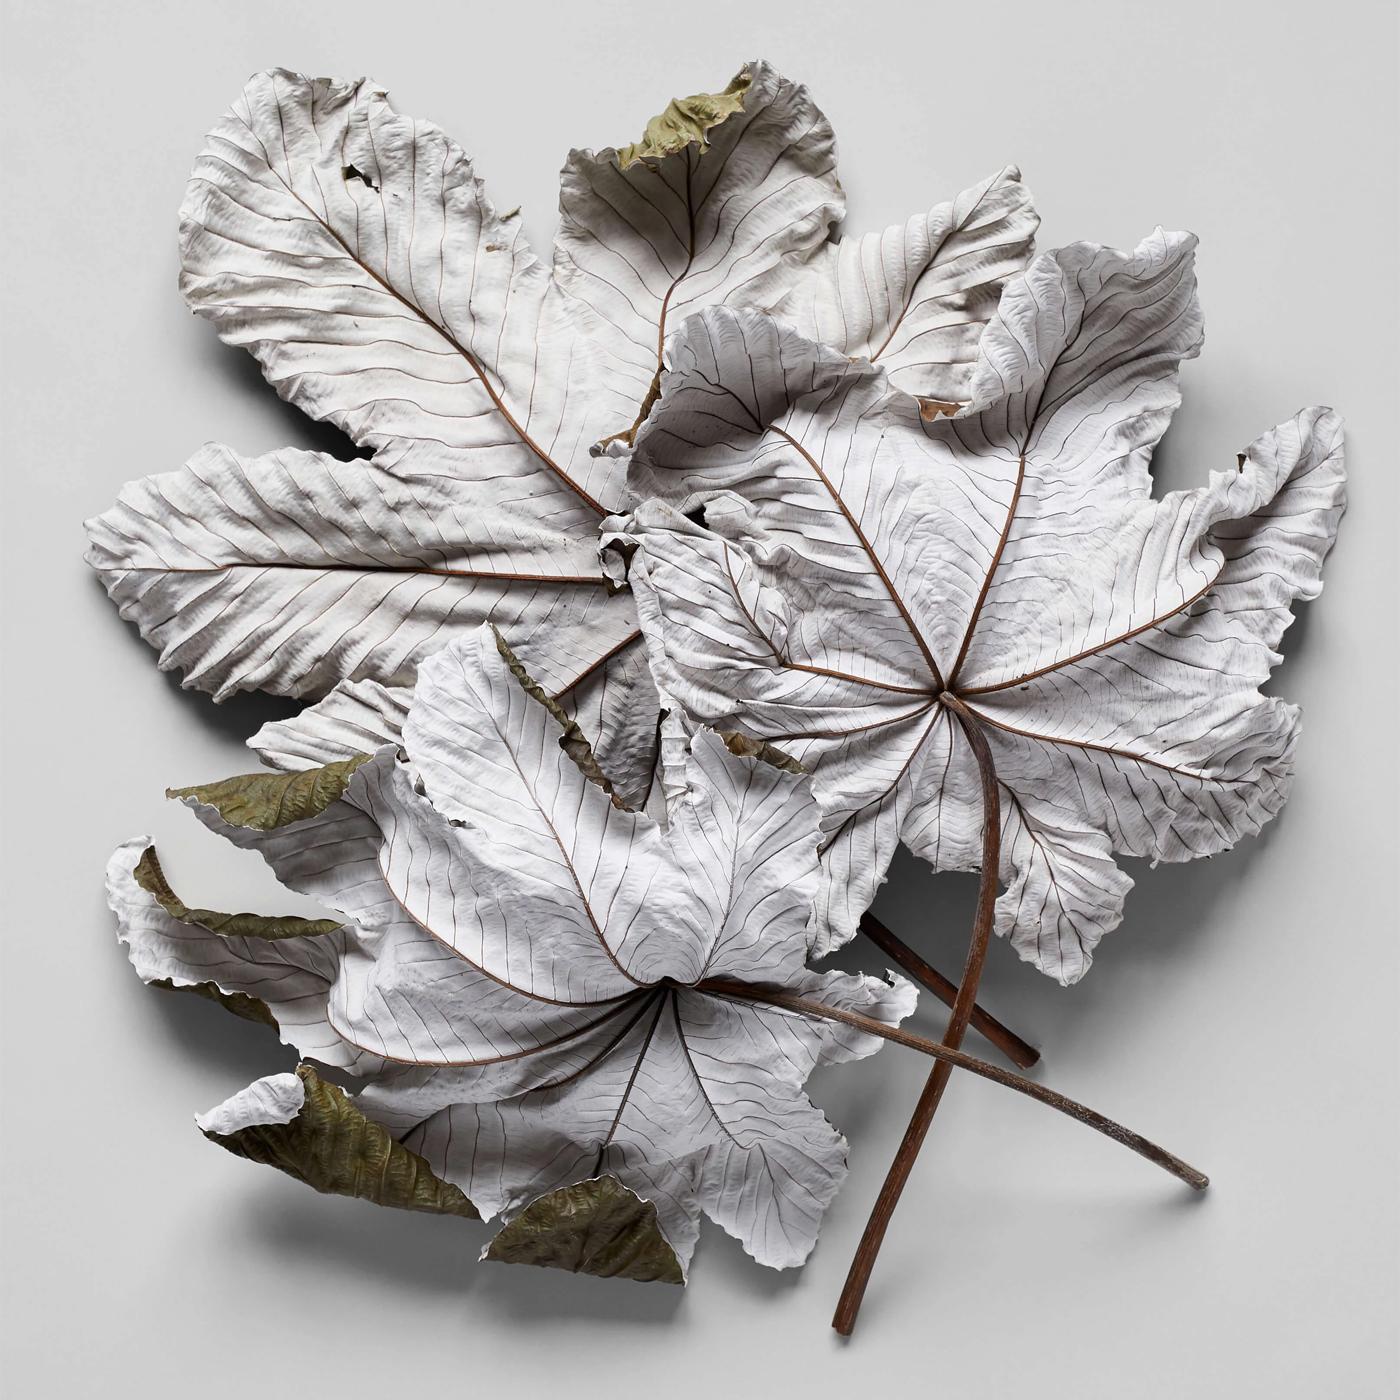 Bloomist Collections de Botanique Feuilles Cecropia Sécgées